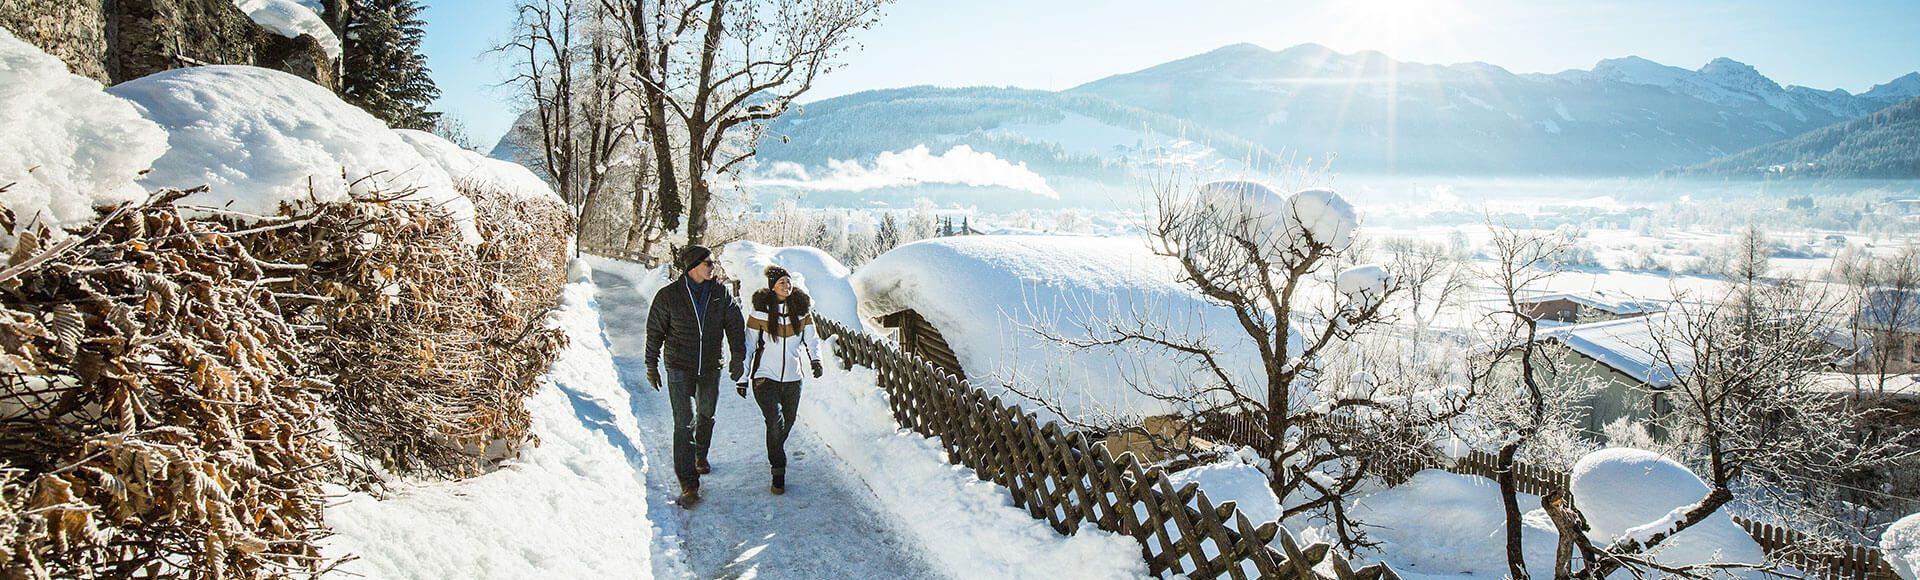 Winterwandern Tourismusverband Radstadt Markus Rohrbacher 1